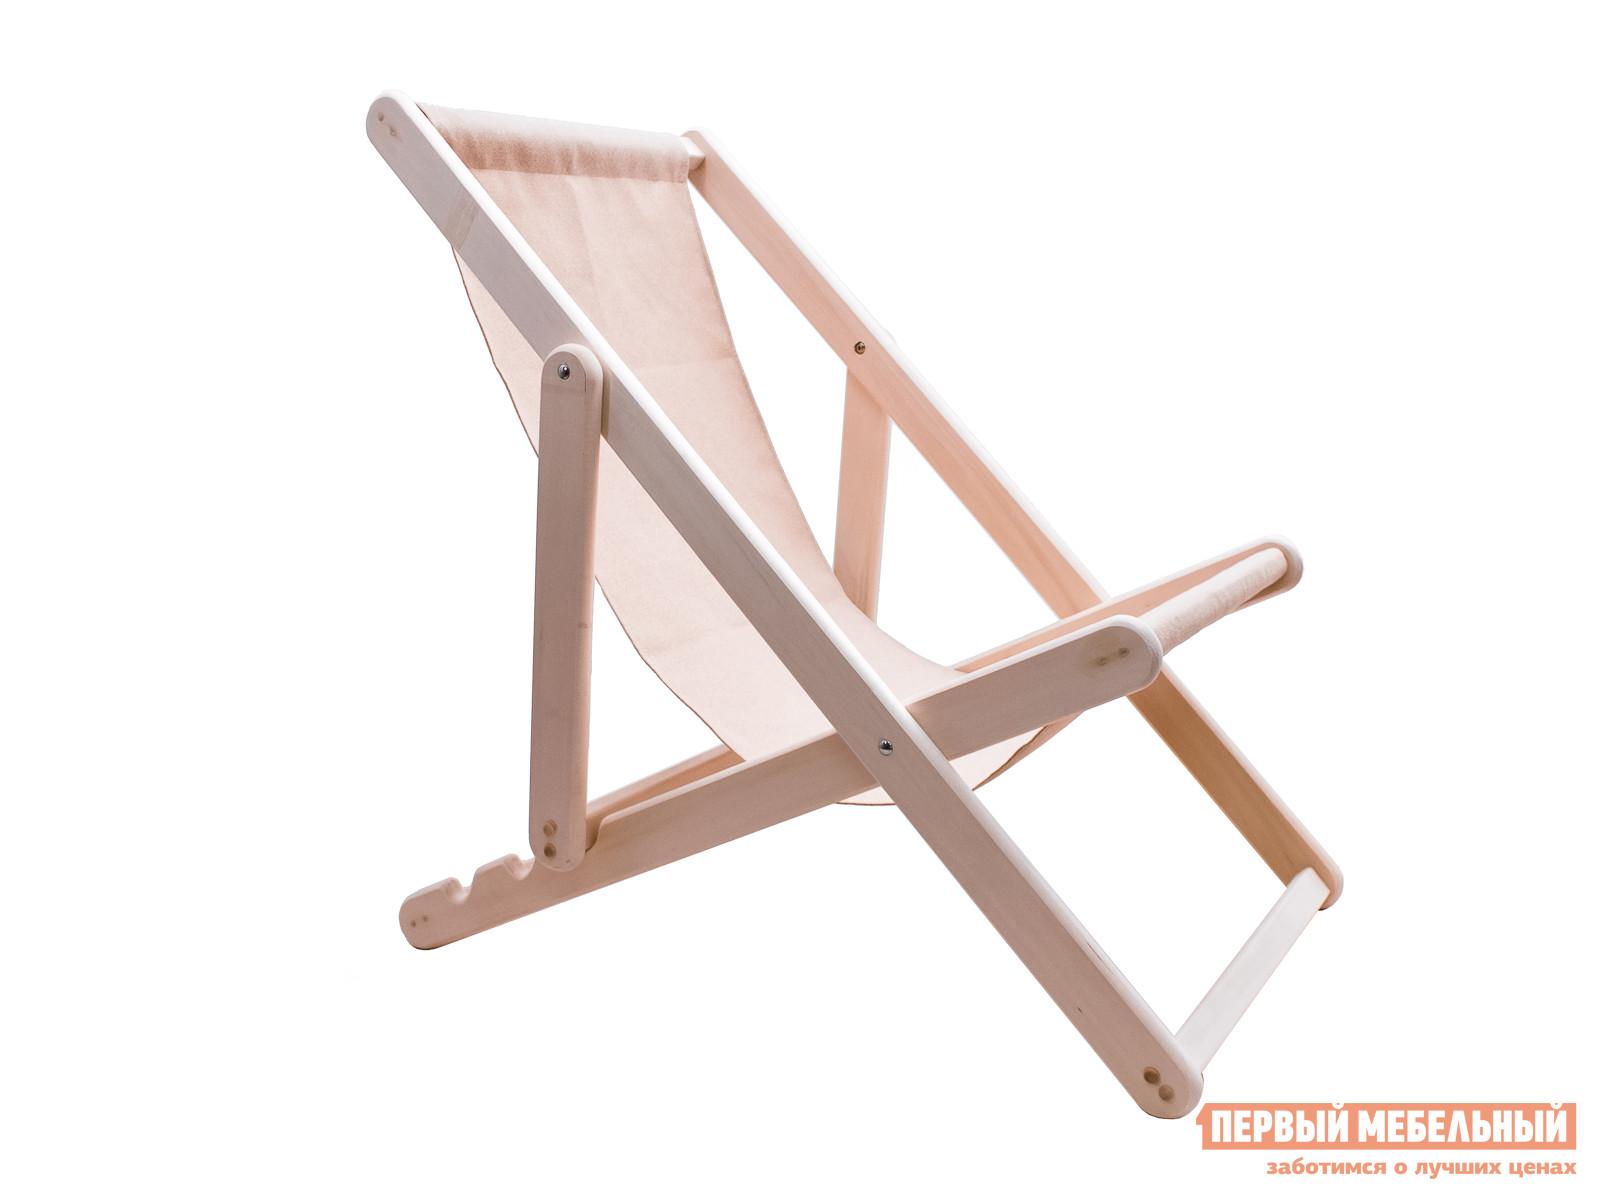 Шезлонг ММ Хедвиг ЛипаЛежаки и шезлонги<br>Габаритные размеры ВхШхГ 1000x650x870 мм. Шезлонг из массива липы с тканевым сиденьем-гамаком придется по вкусу приверженцам экостиля и традиционных форм.  Его конструкция позволяет принять максимально расслабленное положение, в котором вы сможете принимать солнечные ванны, сидя на террасе или на территории загородного участка, опустив ноги в шелковистую траву. Можно отрегулировать положение спинки — специальные вырезы в задней части основания позволяют выбрать из двух положений.  Лежак складывается в компактные размеры — 1400 х 650 х 700 мм. Обратите внимание, что дерево, из которого изготовлен шезлонг, ничем не обработано.  Благодаря этому, вы можете не беспокоиться о выделении вредных испарений и полностью насладиться теплом и ароматом натуральной липы.  Но все же, если вы собираетесь использовать изделие на улице, рекомендуется обработать деревянные части составом, защищающим от влаги, чтобы продлить его срок службы. Также обращаем ваше внимание на то, что цвет тканевой части выбрать нельзя.<br><br>Цвет: Светлое дерево<br>Высота мм: 1000<br>Ширина мм: 650<br>Глубина мм: 870<br>Кол-во упаковок: 1<br>Форма поставки: В разобранном виде<br>Срок гарантии: 3 месяца<br>Тип: Складные<br>Тип: Трансформер<br>Тип: Кресла-шезлонги<br>Назначение: Для бассейна<br>Назначение: Для дачи<br>Назначение: Пляжные<br>Назначение: Для бани<br>Материал: Дерево<br>Материал: Ткань<br>Материал: Натуральное дерево<br>Размер: Одноместные